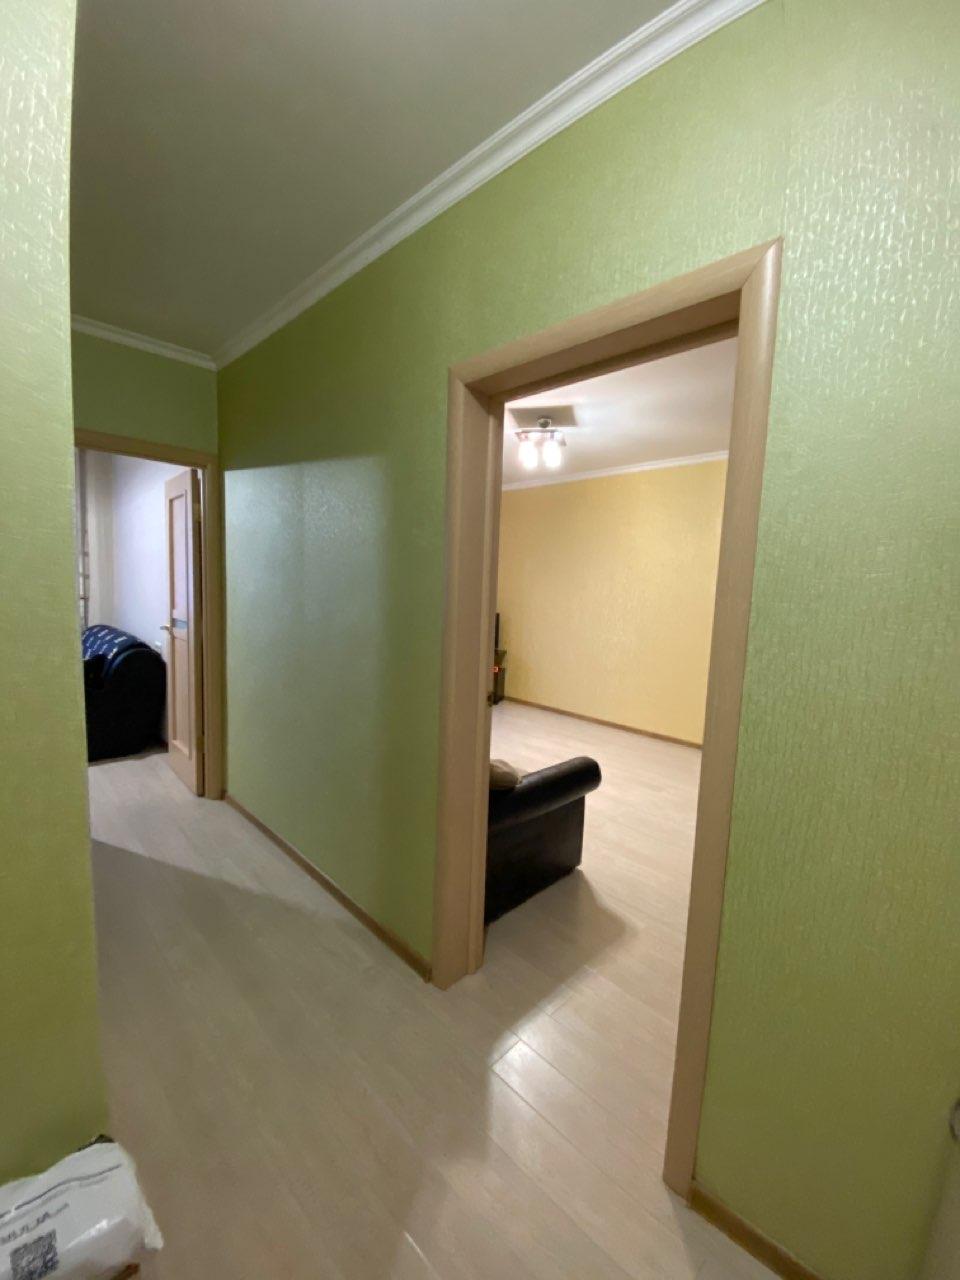 купить квартиру в москве цены